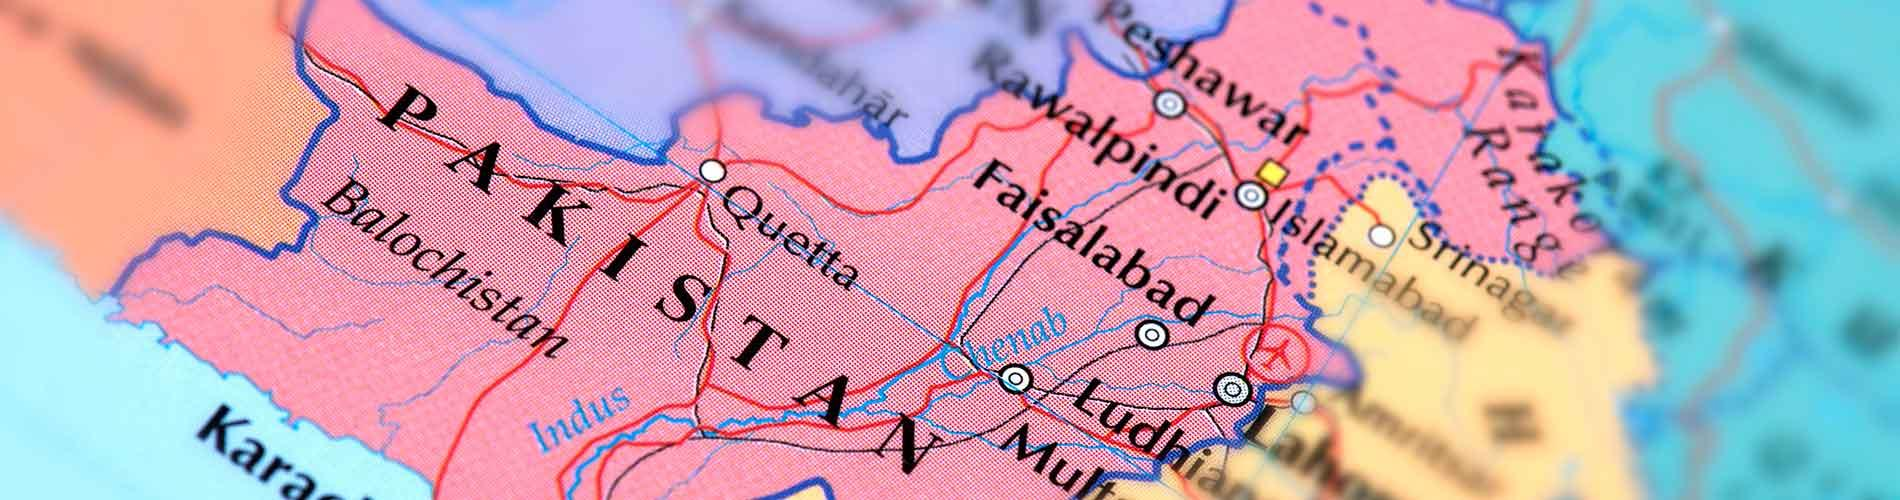 Closeup of map of Pakistan